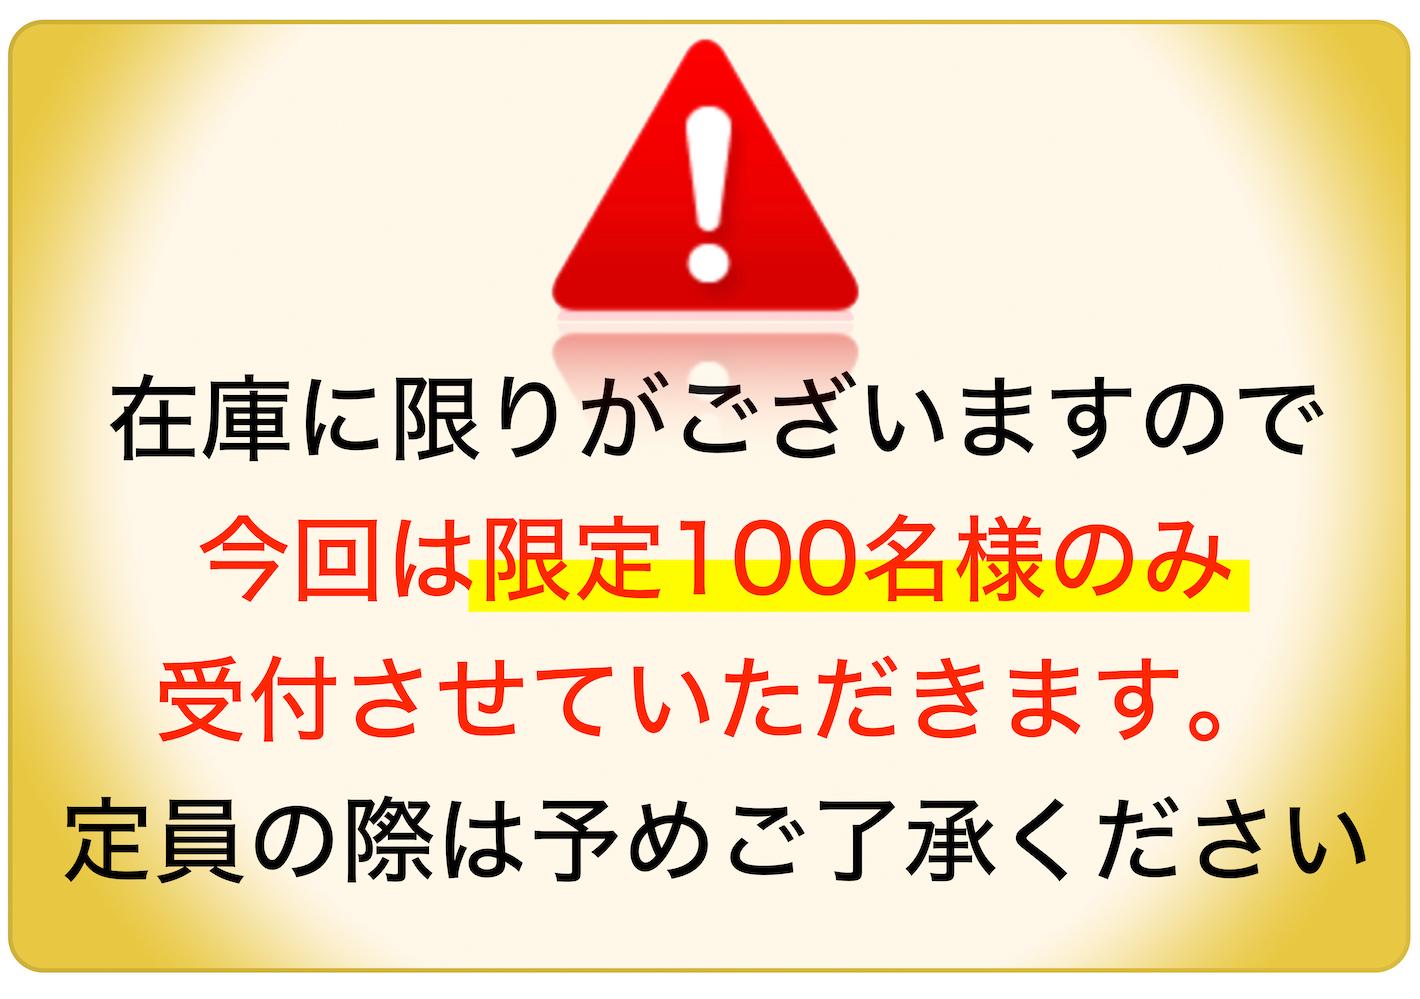 マッサージオンライン講座100名限定